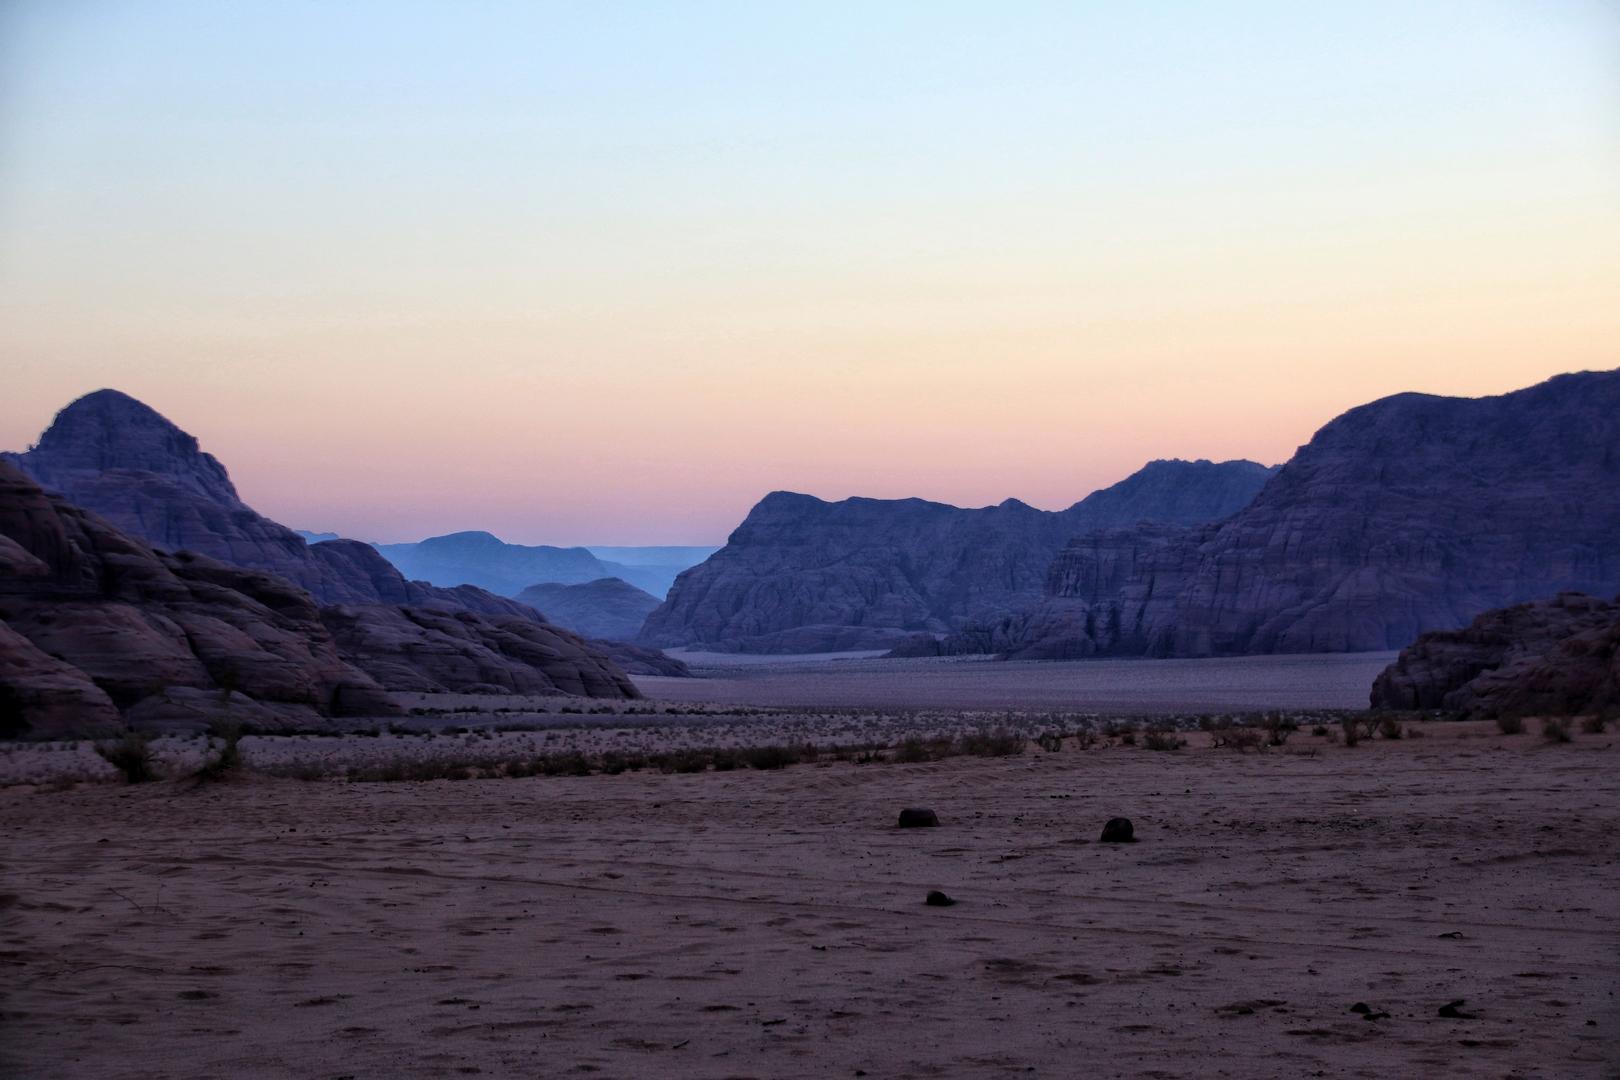 Jordanie - Lever de soleil dans le désert de Wadi Rum